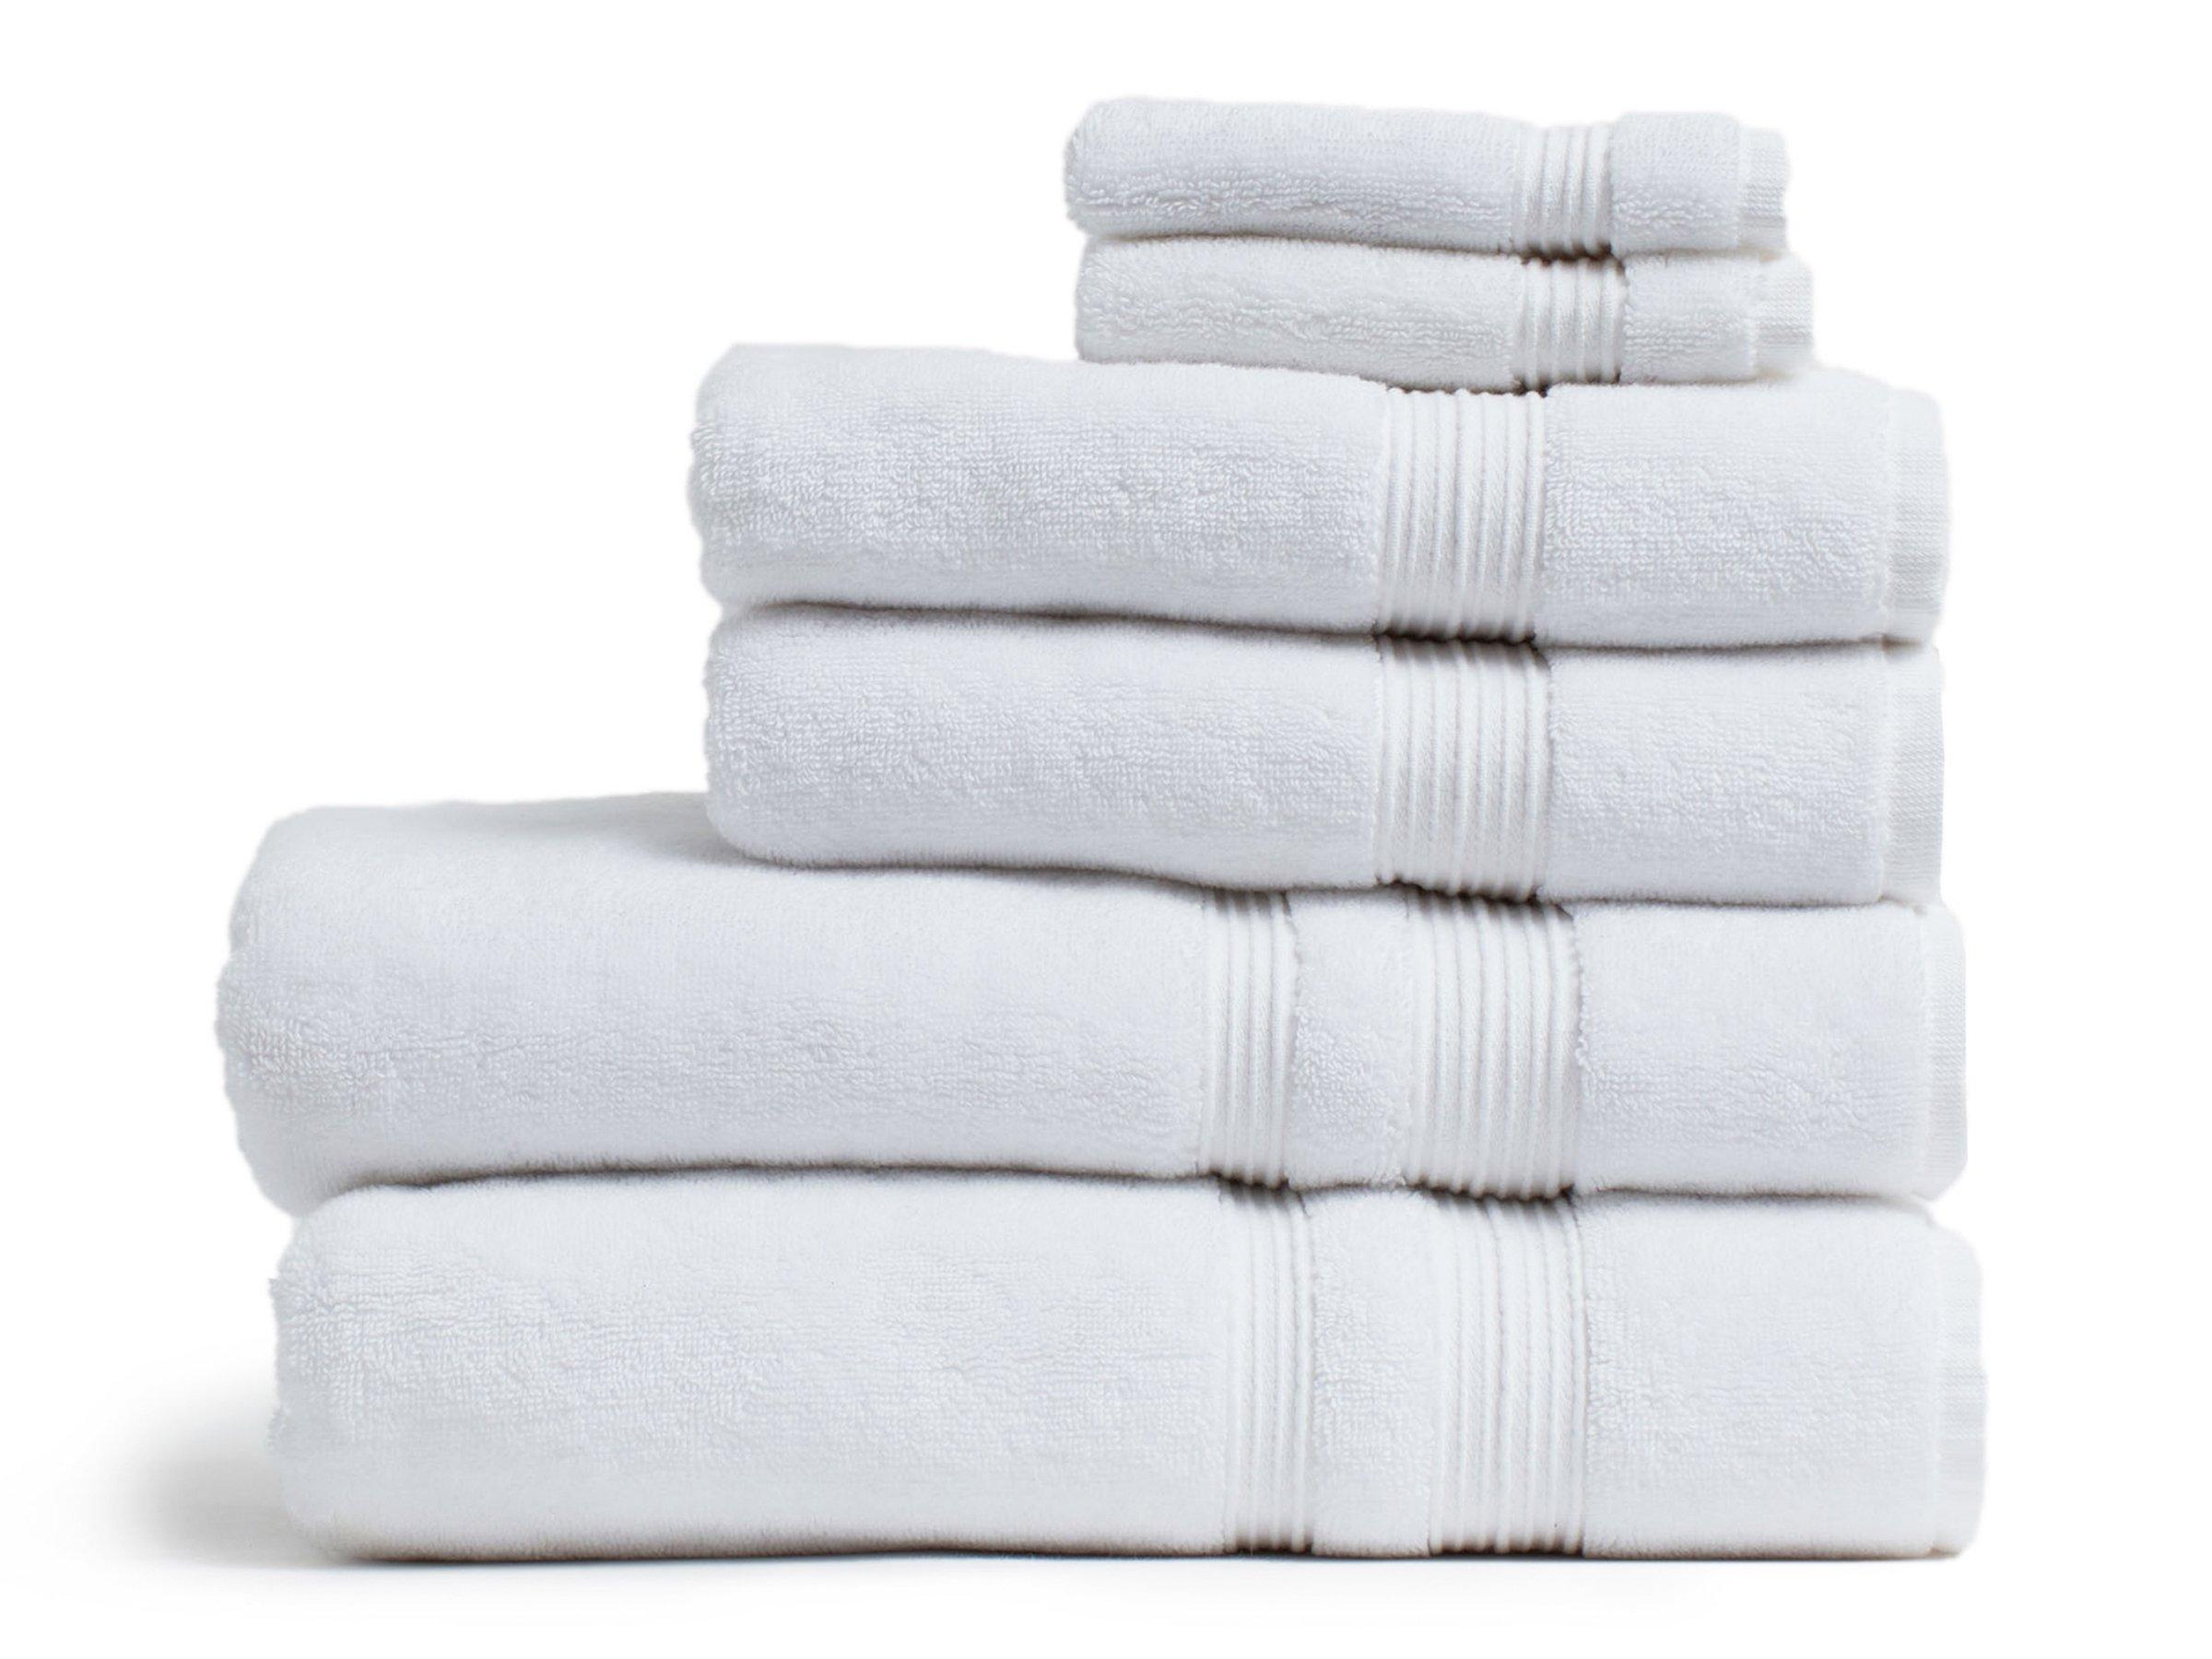 reuse towels